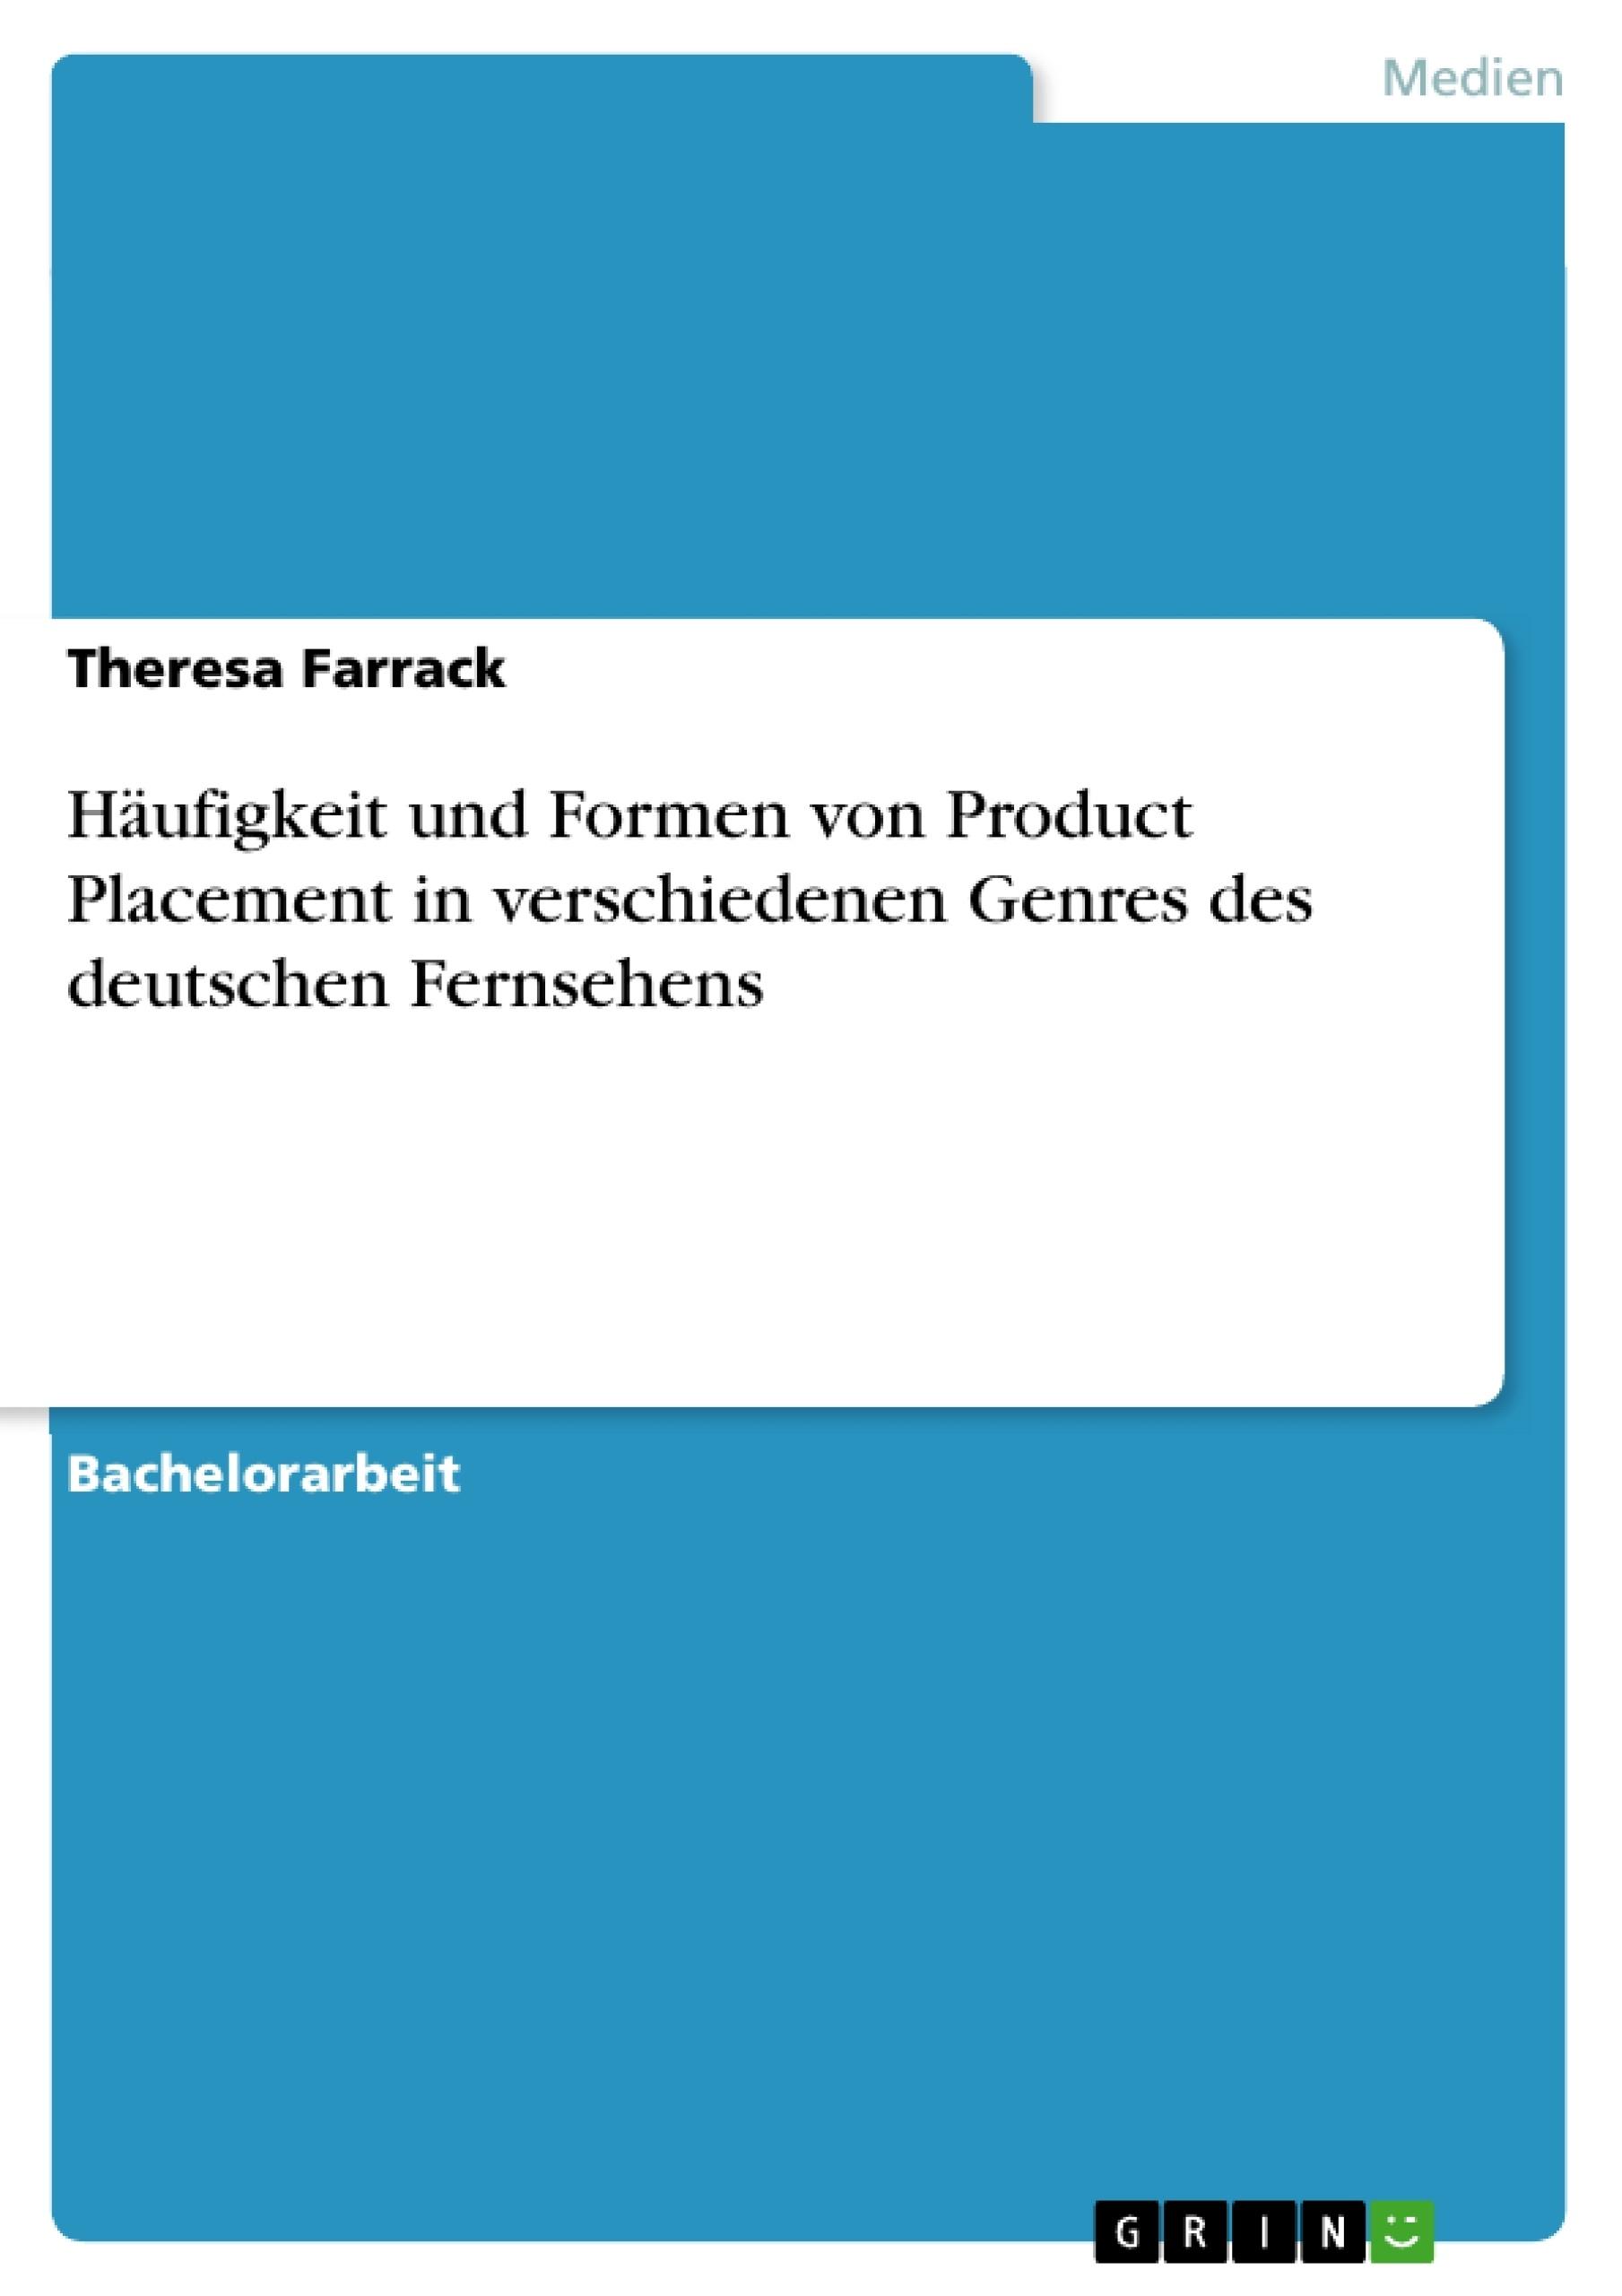 Titel: Häufigkeit und Formen von Product Placement in verschiedenen Genres des deutschen Fernsehens